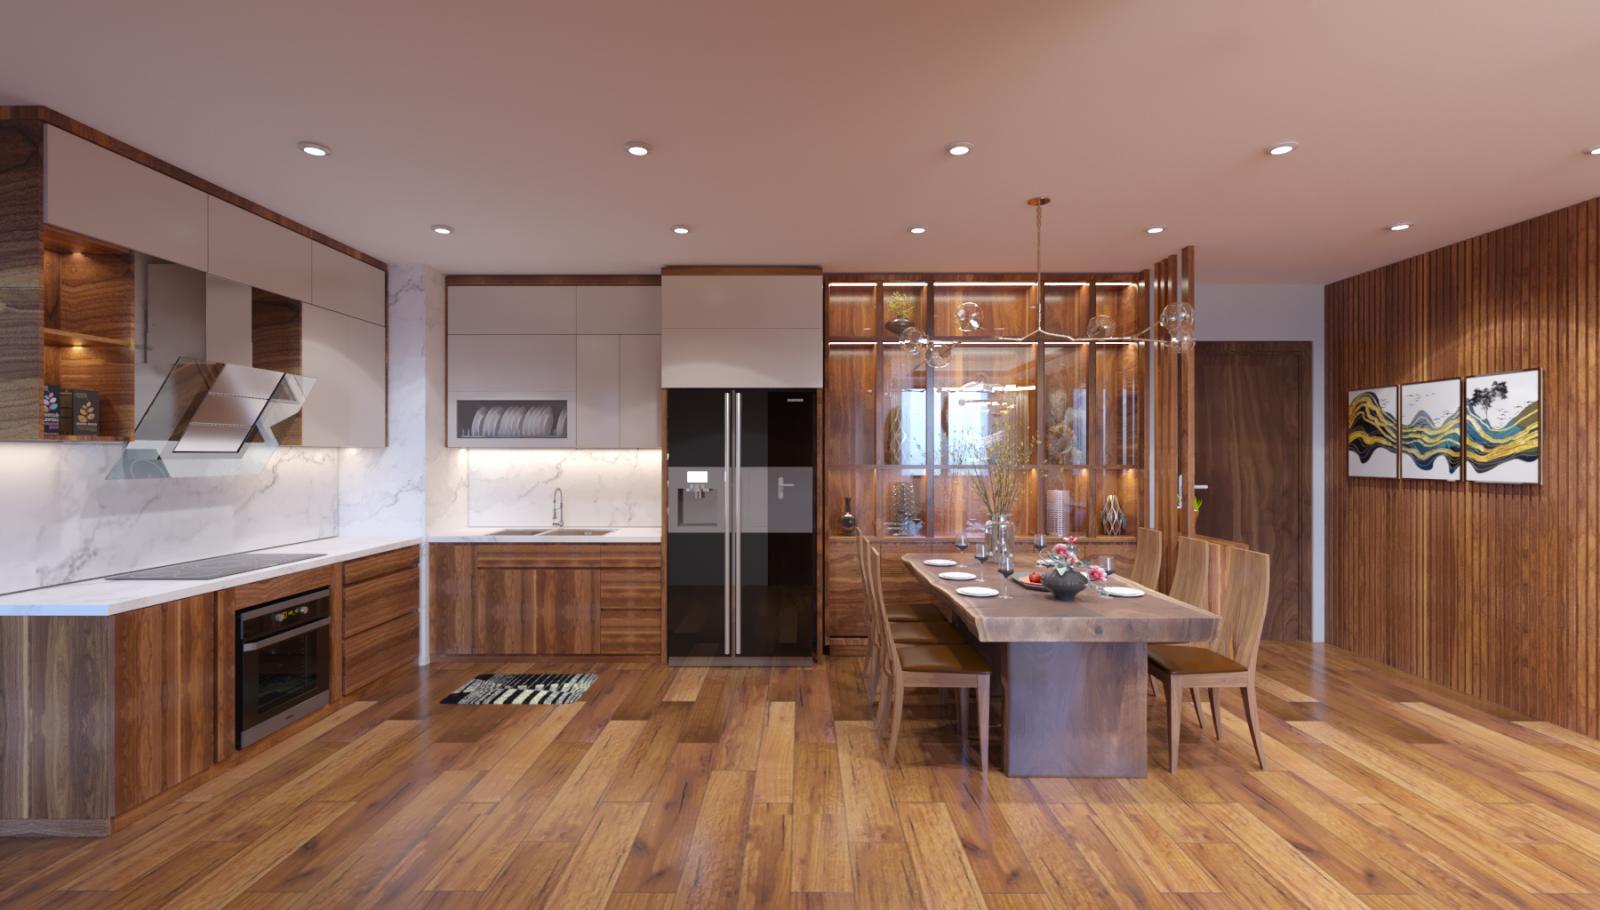 góc nấu nướng trong căn hộ